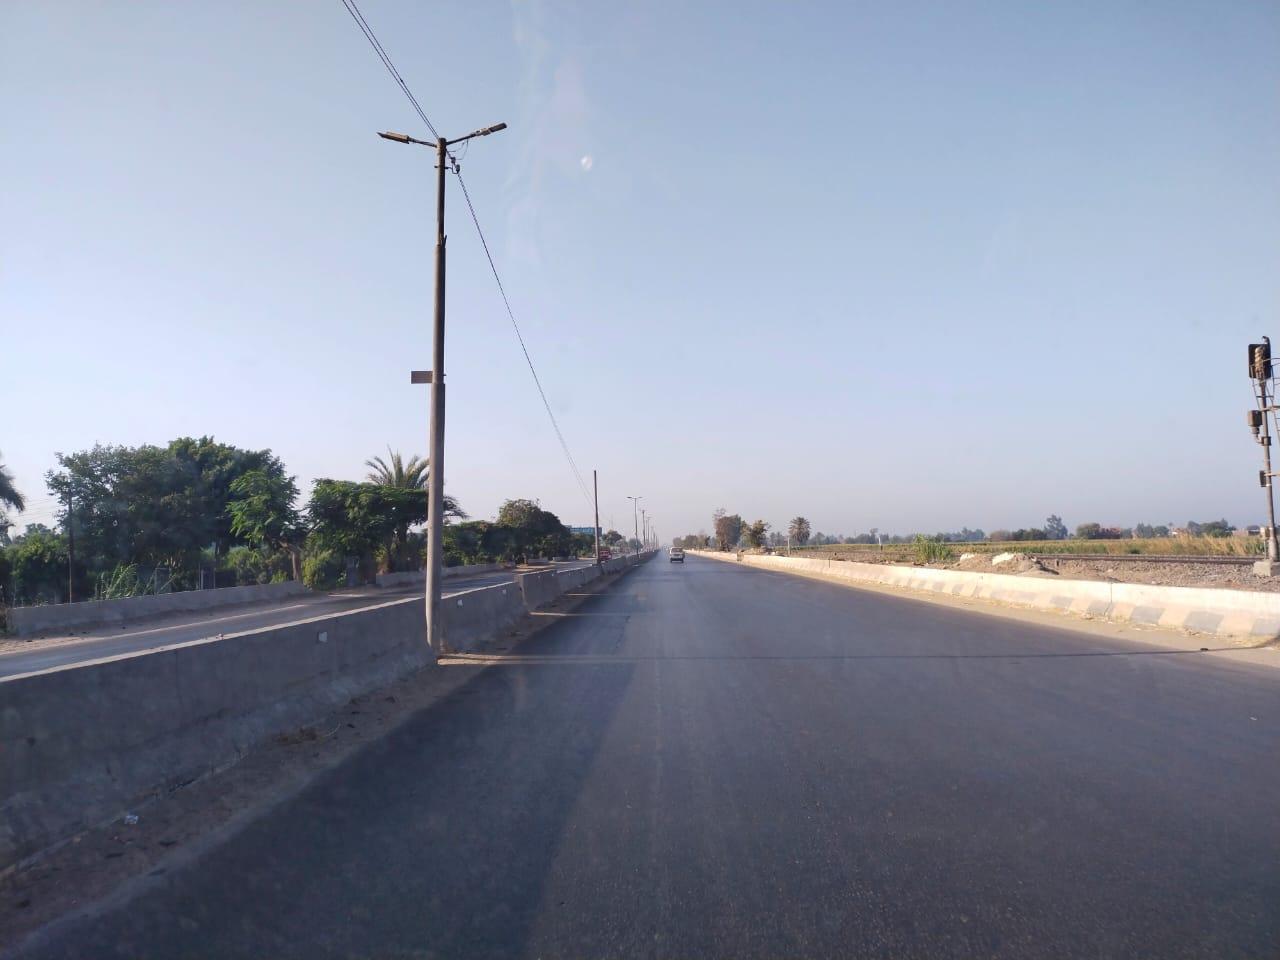 سيولة مرورية بطريق القاهرة الإسكندرية الزراعى (3)